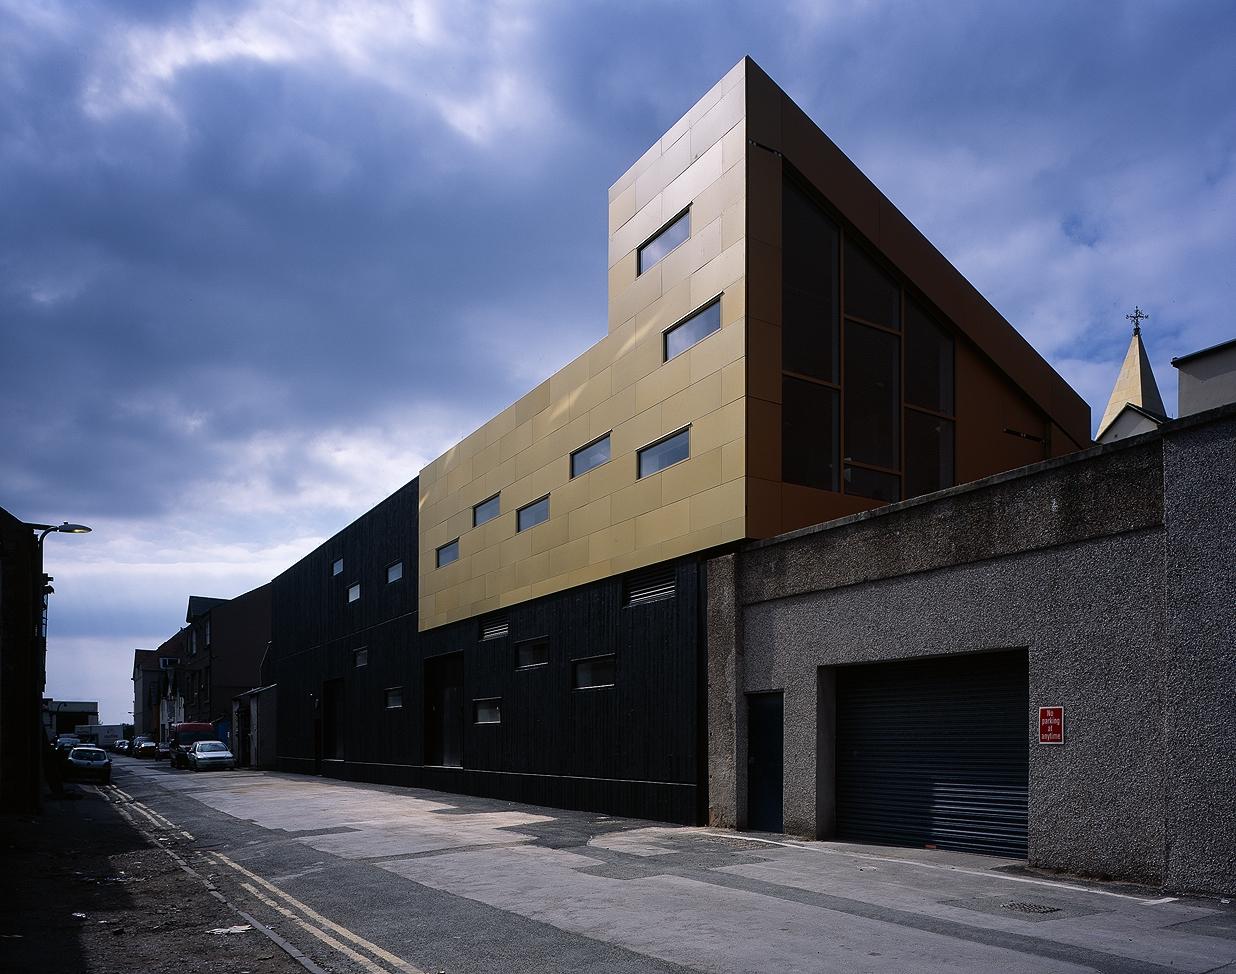 Oriel Mostyn Art Gallery, Wales